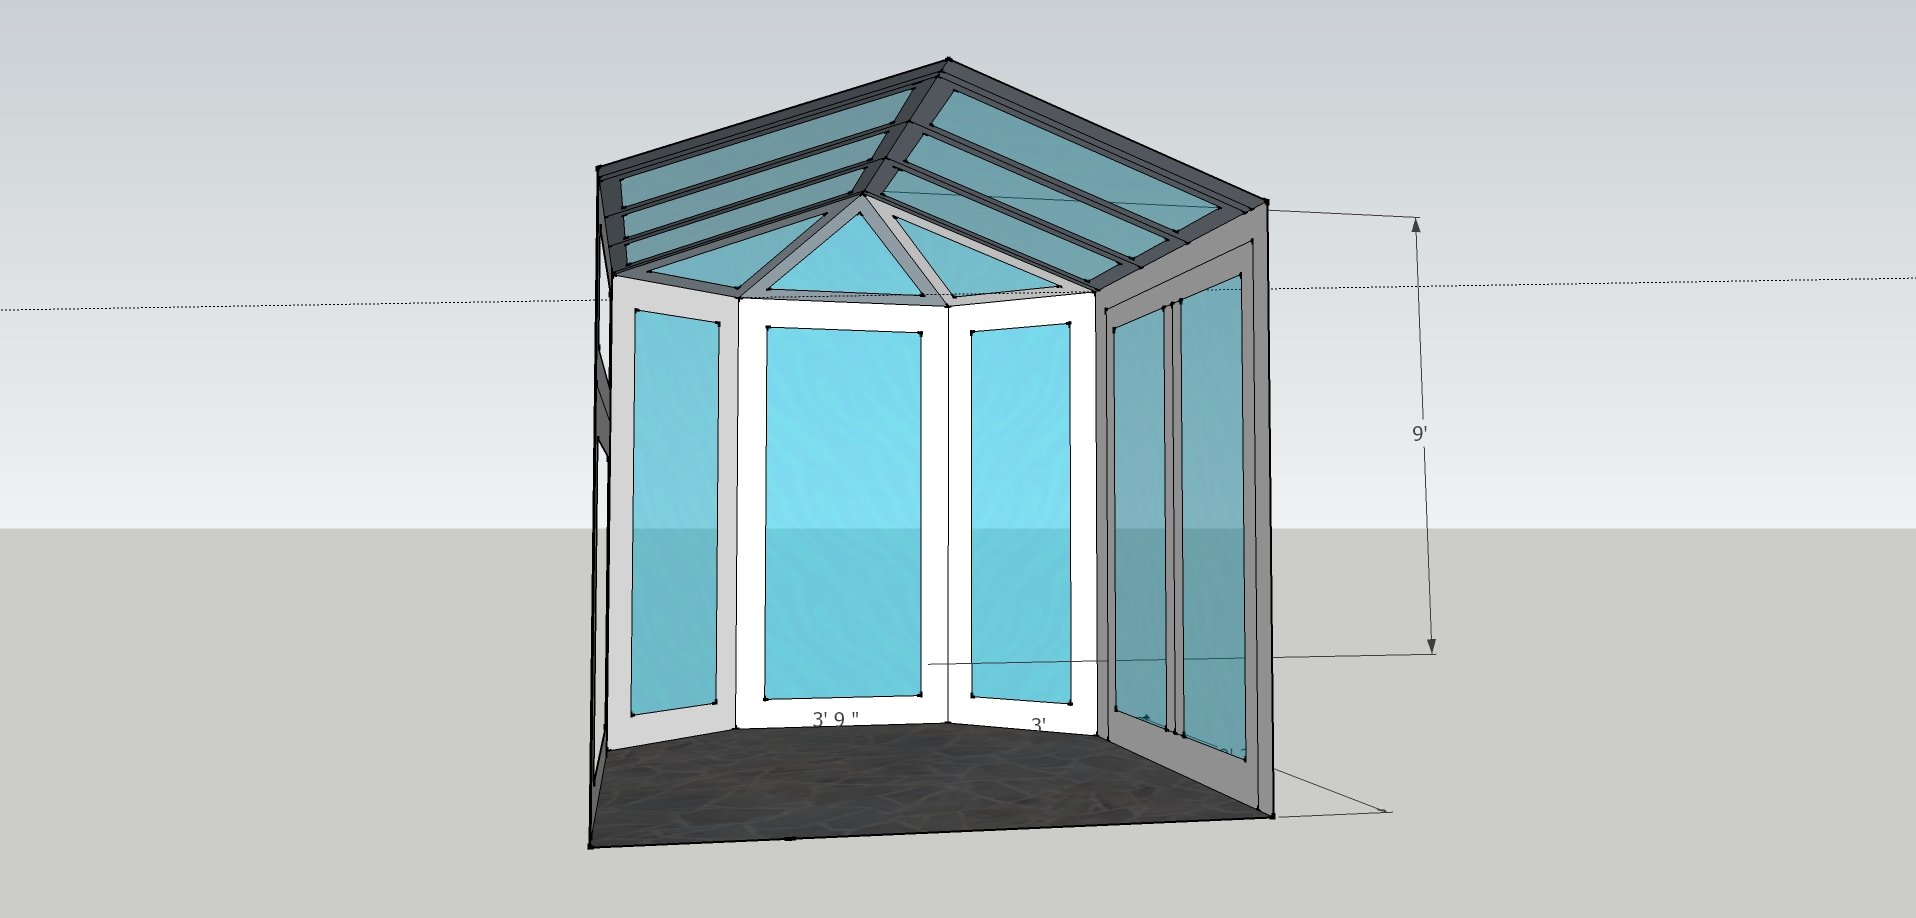 sunroom model inside